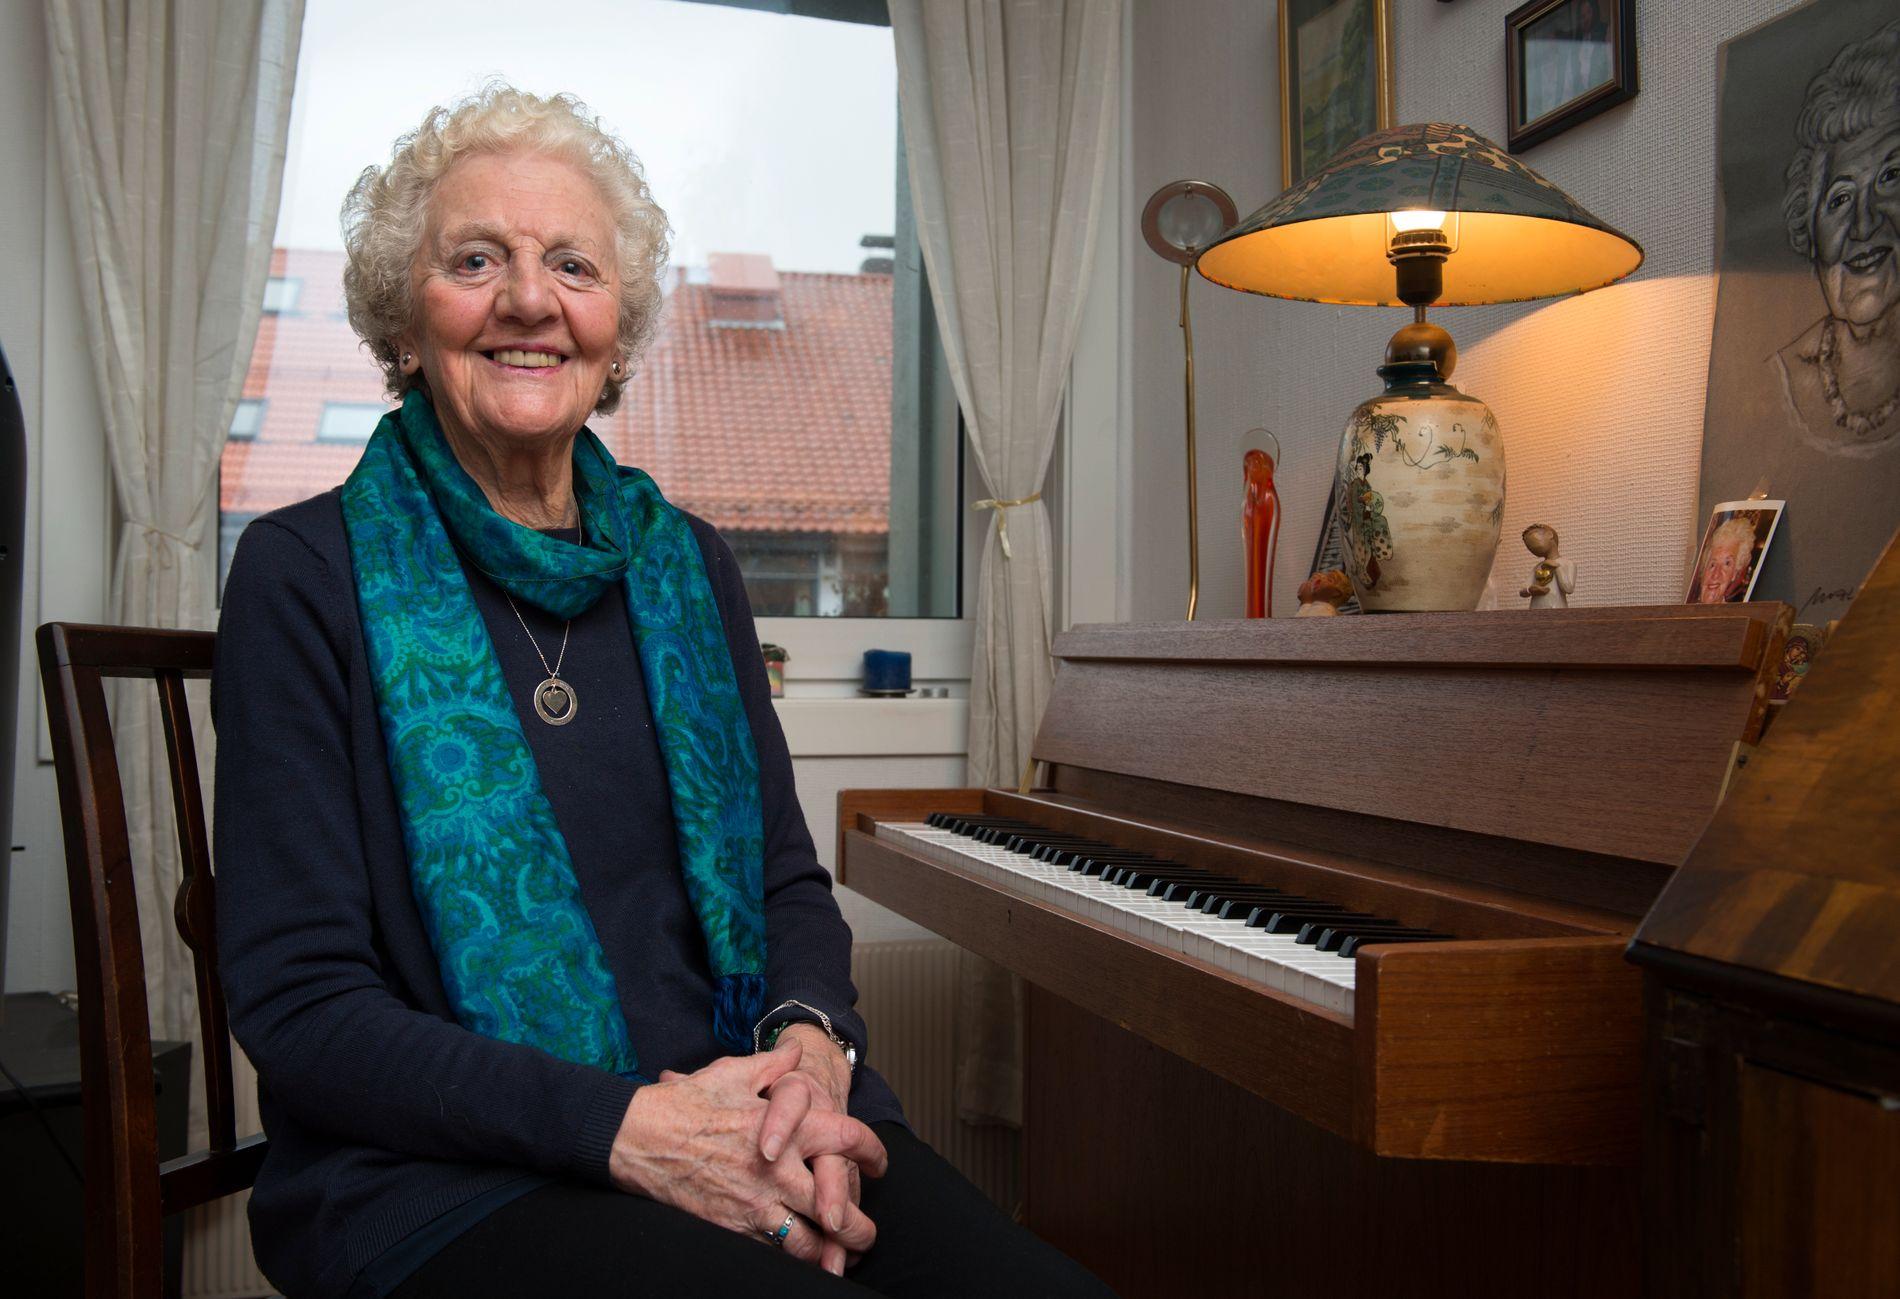 VENN FOR LIVET: Det er ikke alltid så lett, men når du bli godt kjent med en fra Norge, så har du en kjær venn for hele livet, skriver Rosemary Lund (84).